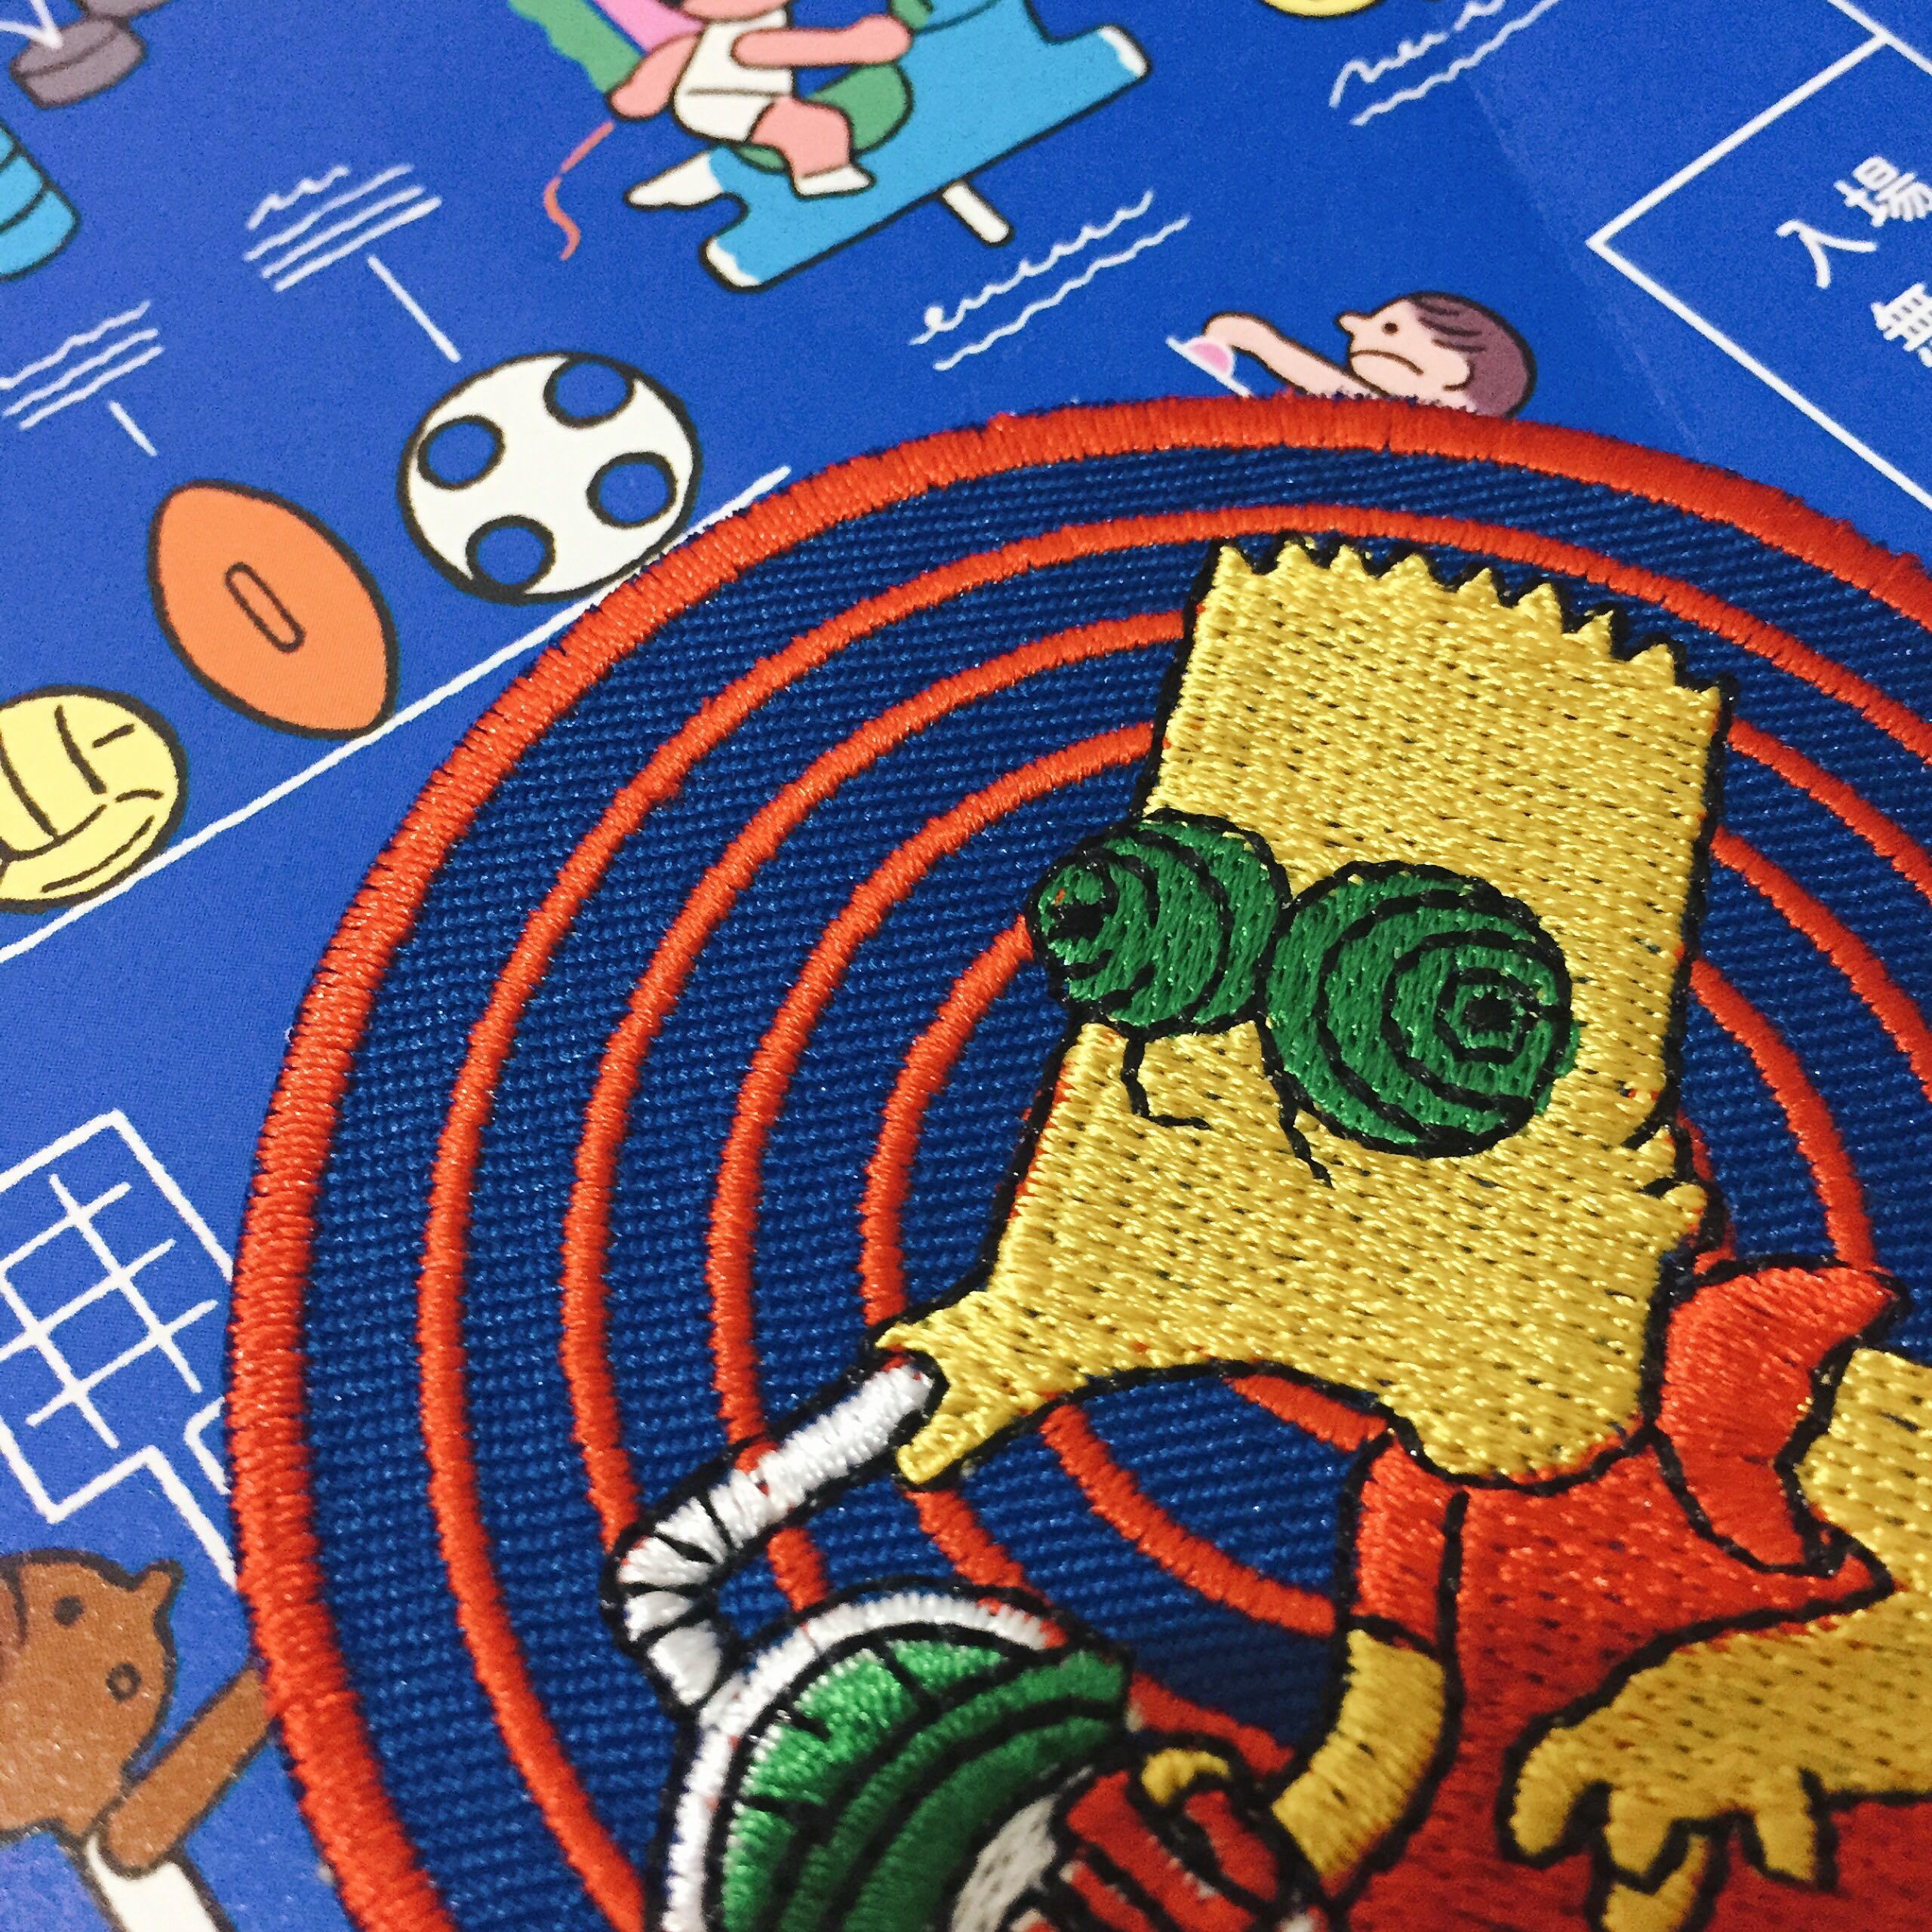 「💫11/17市集出攤確認!搜尋🔍台灣玩具特區」辛普森 the simpsons' 燙布貼